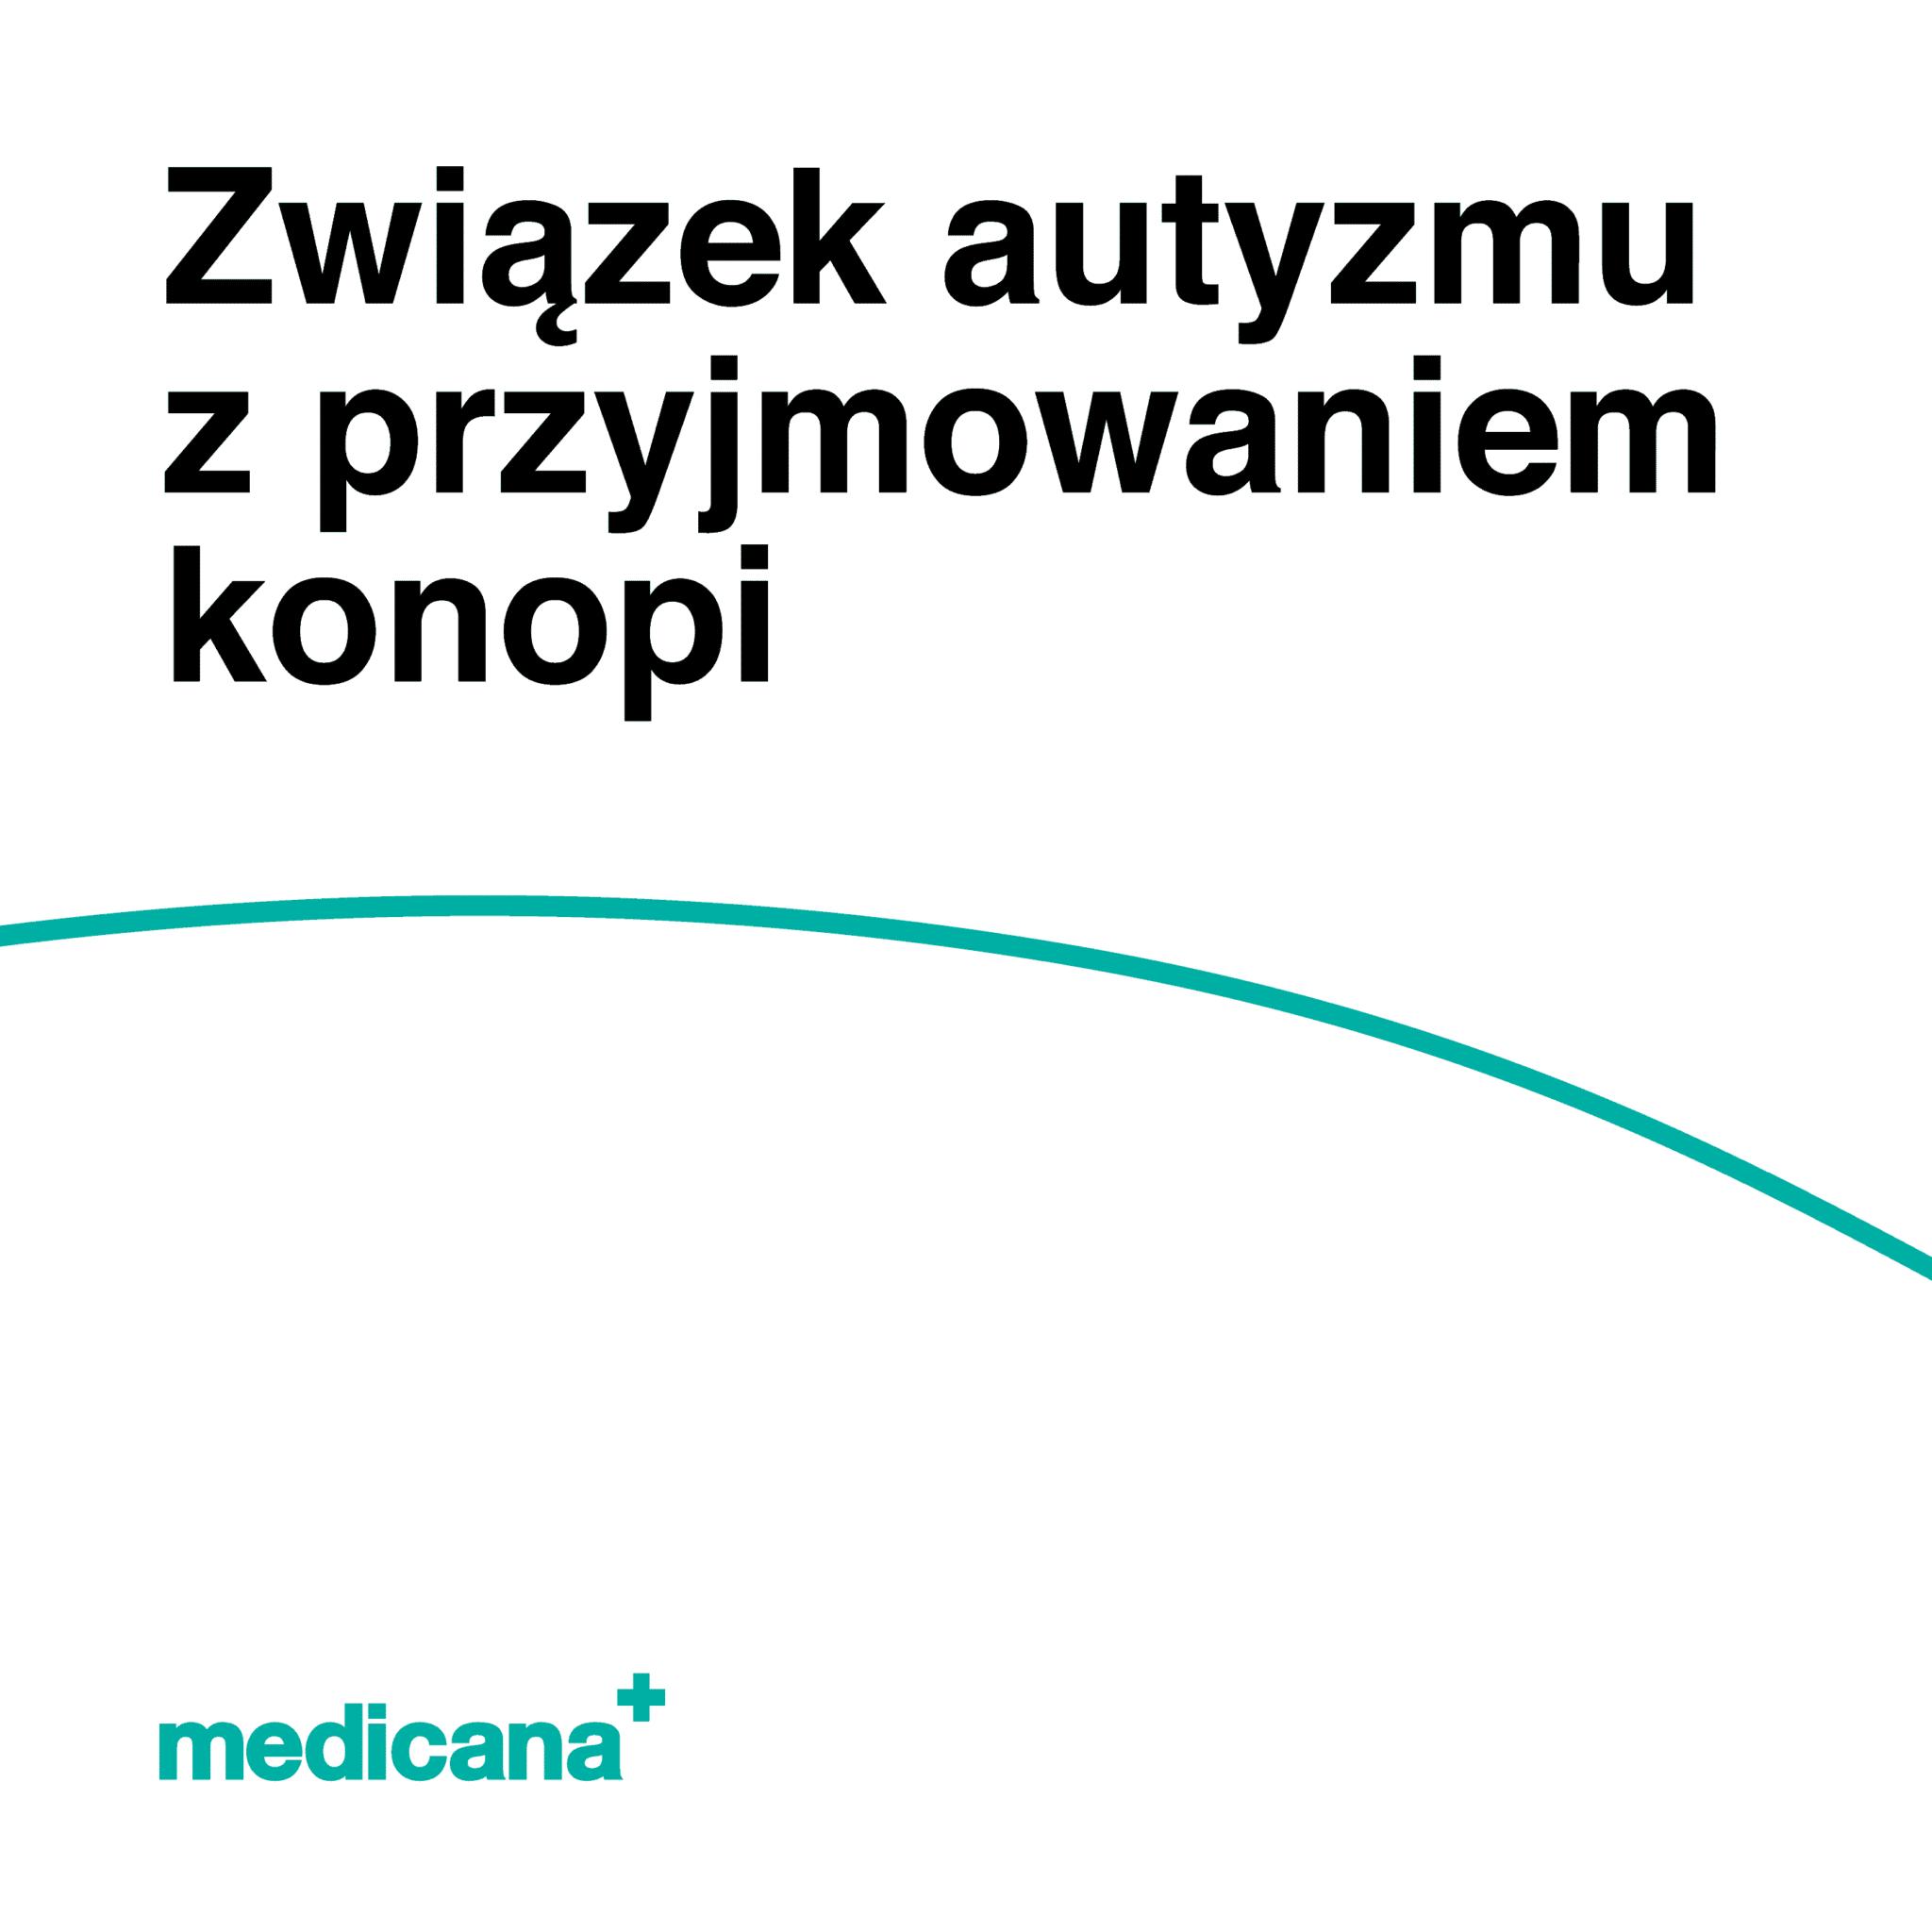 Grafika, białe tło z zieloną linią, czarnym napisem Związek autyzmy z przyjmowaniem konopi oraz zielonym logo Medicana w lewym dolnym rogu.